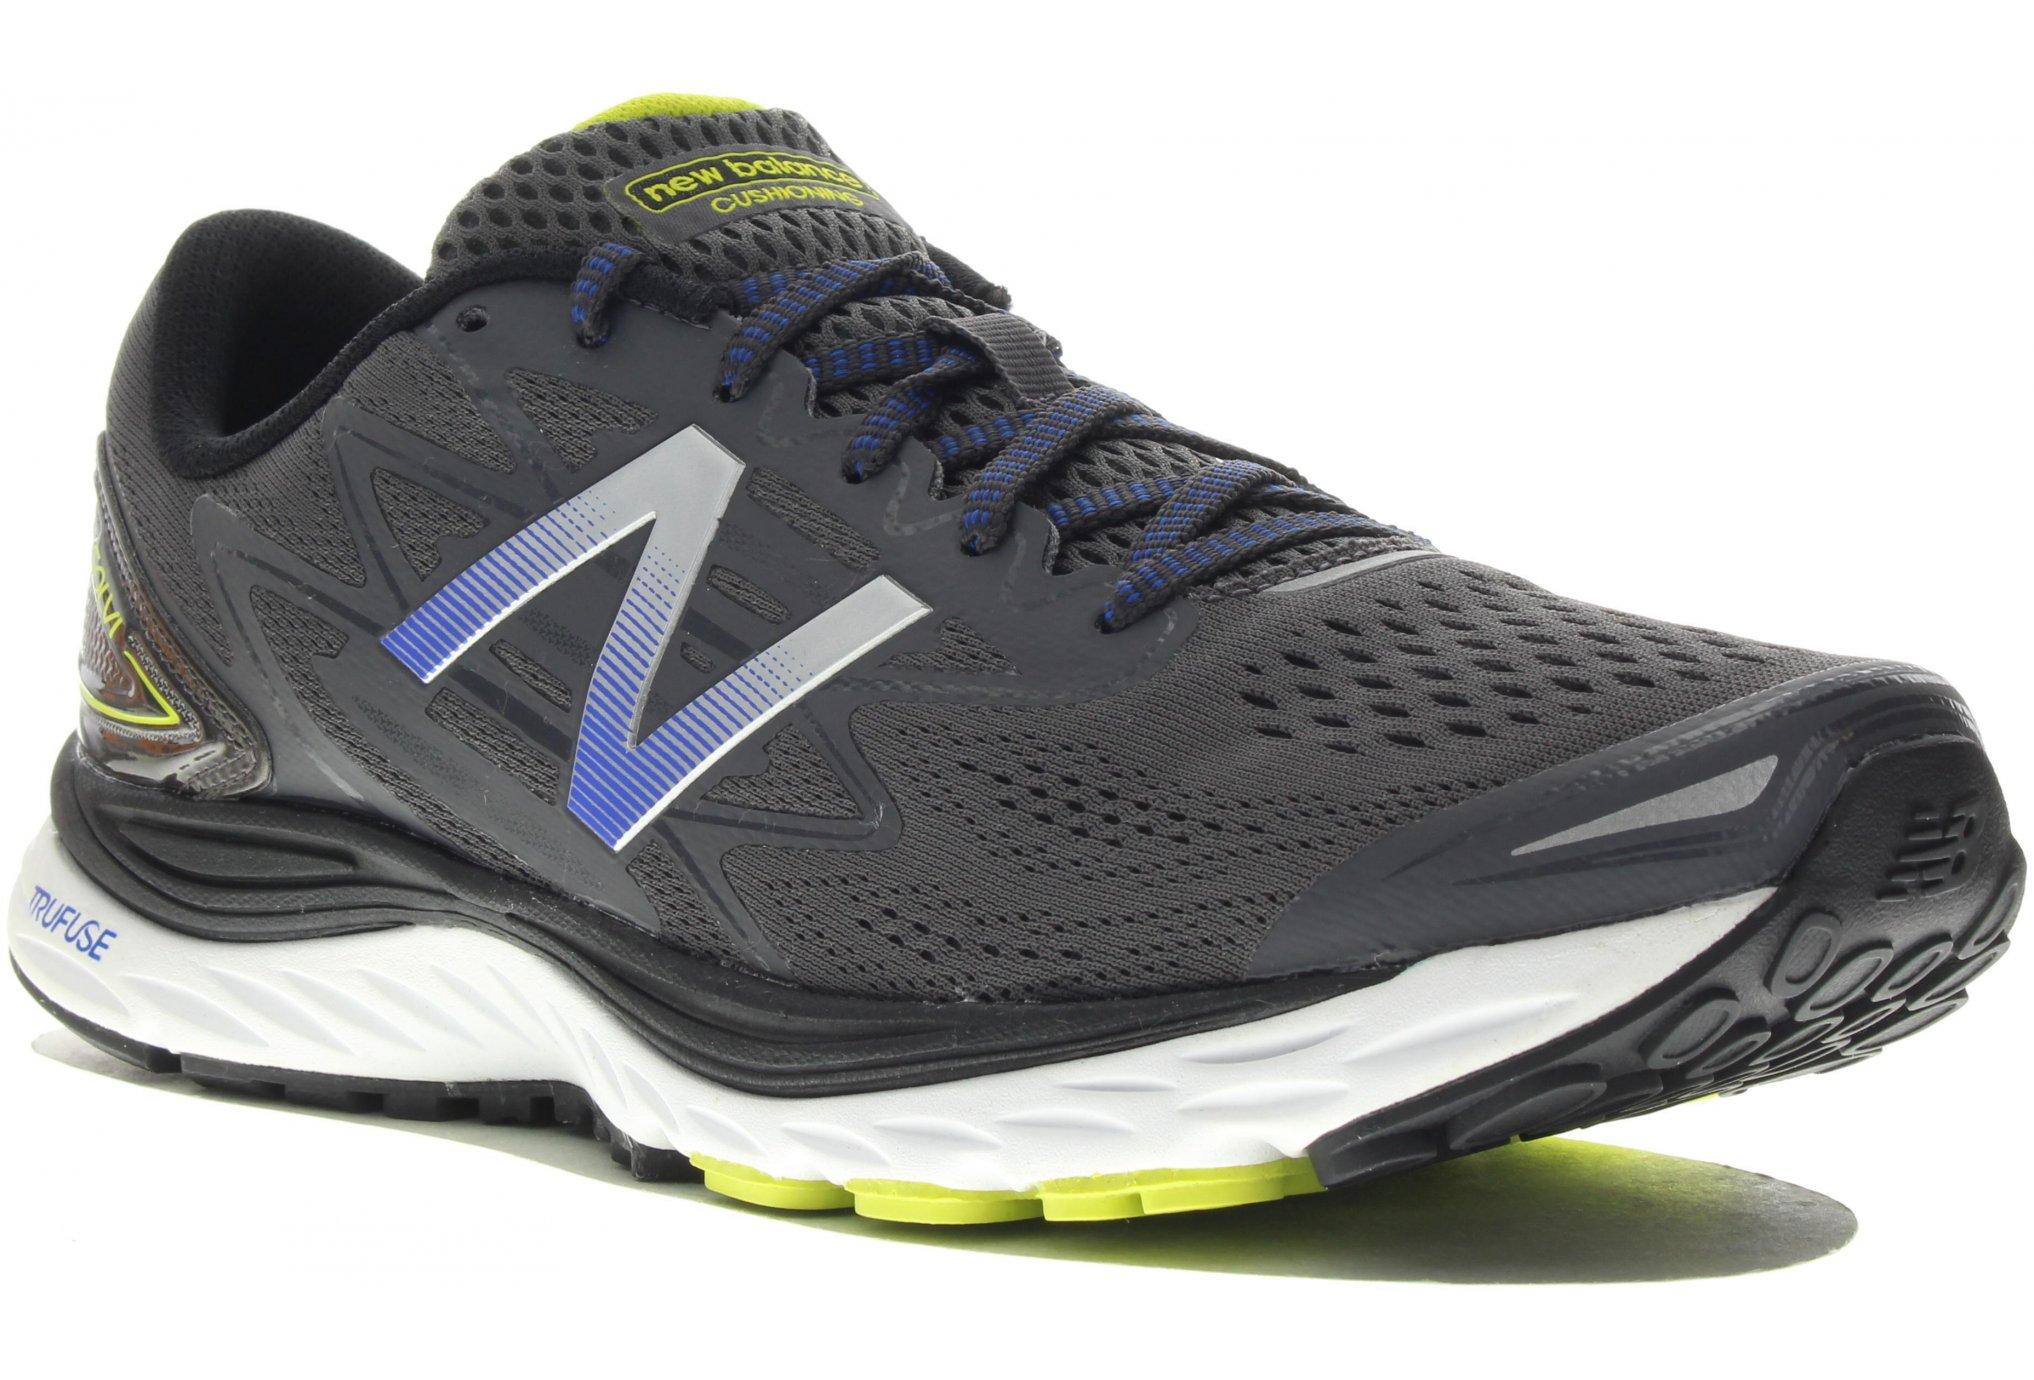 New Balance M SOLVI - D Diététique Chaussures homme